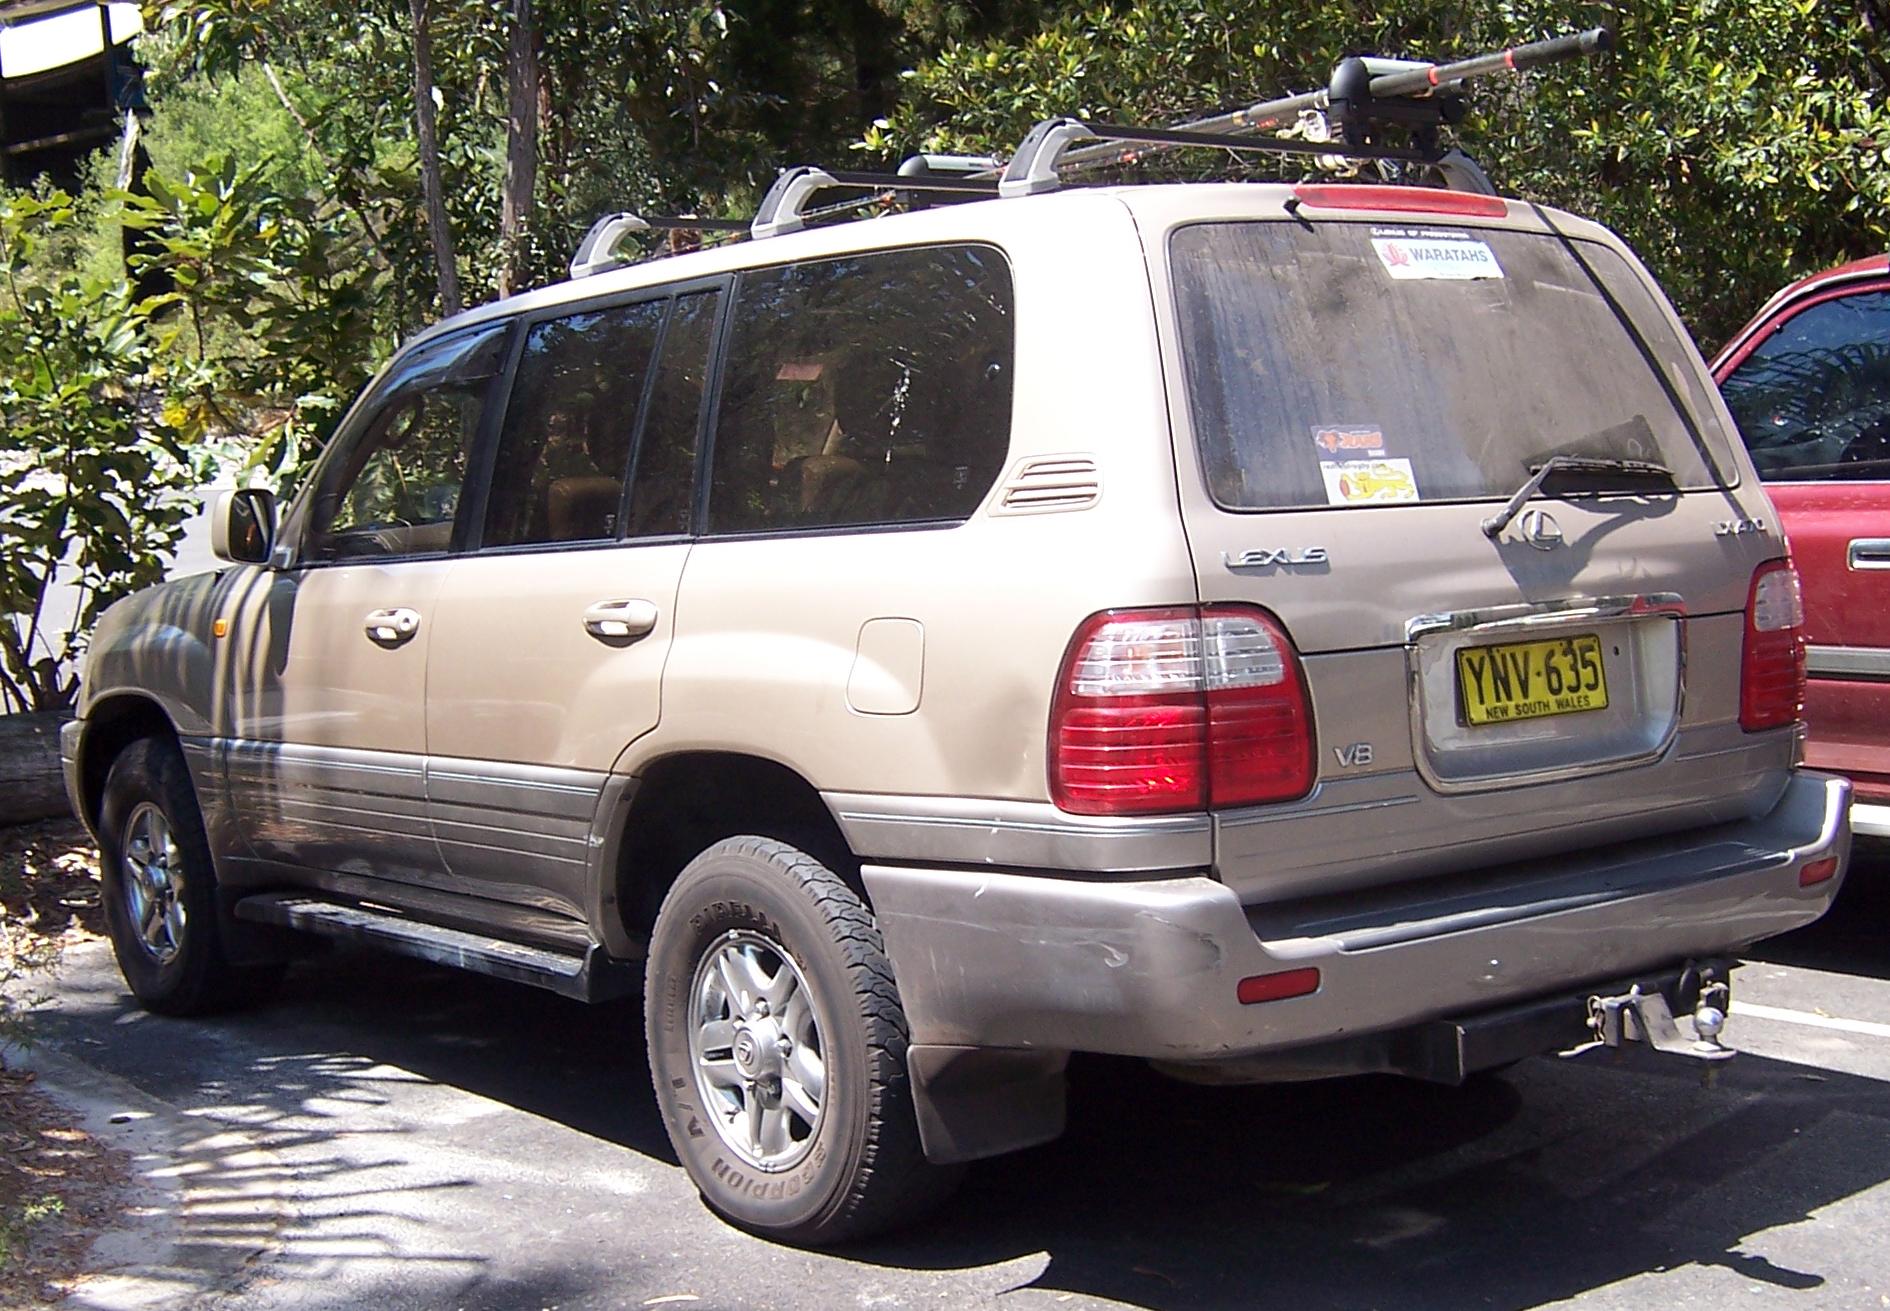 File1998 2002 lexus lx 470 uzj100r wagon 02g wikimedia commons file1998 2002 lexus lx 470 uzj100r wagon 02g publicscrutiny Gallery